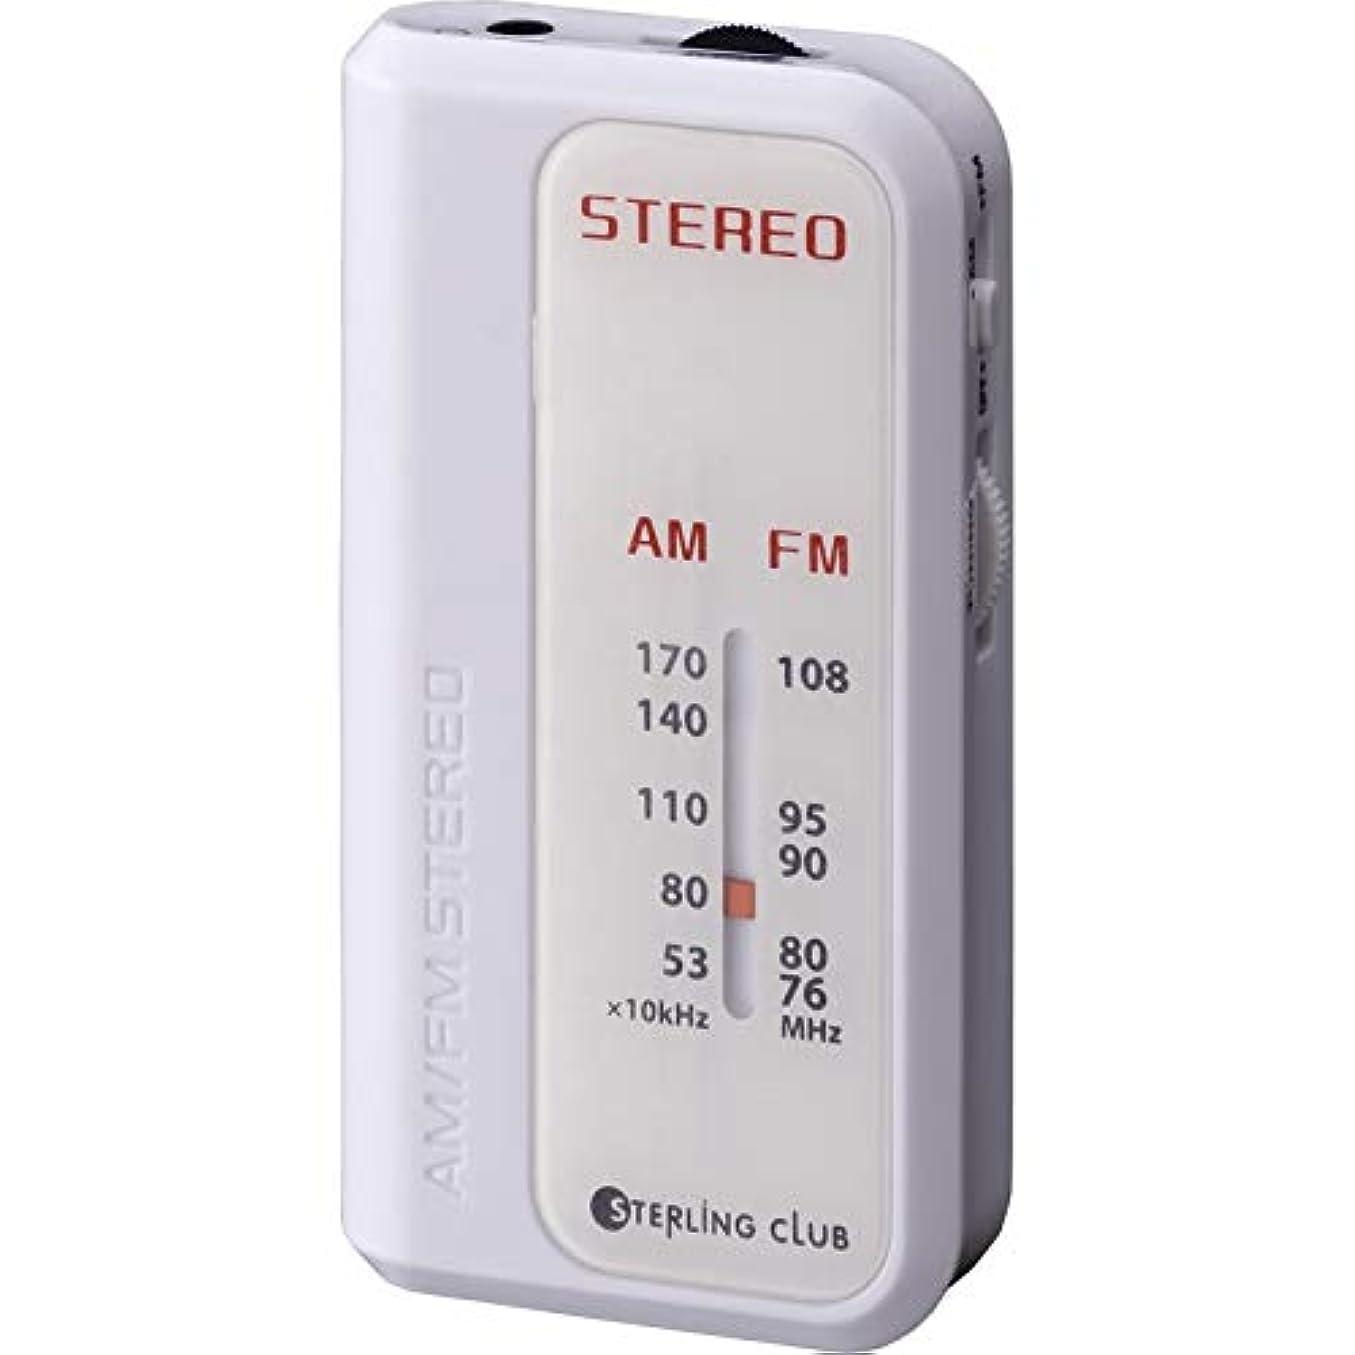 実験室スロー思いつくスターリング クラブ AM/FMステレオポケットラジオ 6930 【家電 ラジオ わいどfm対応 防災 小型】